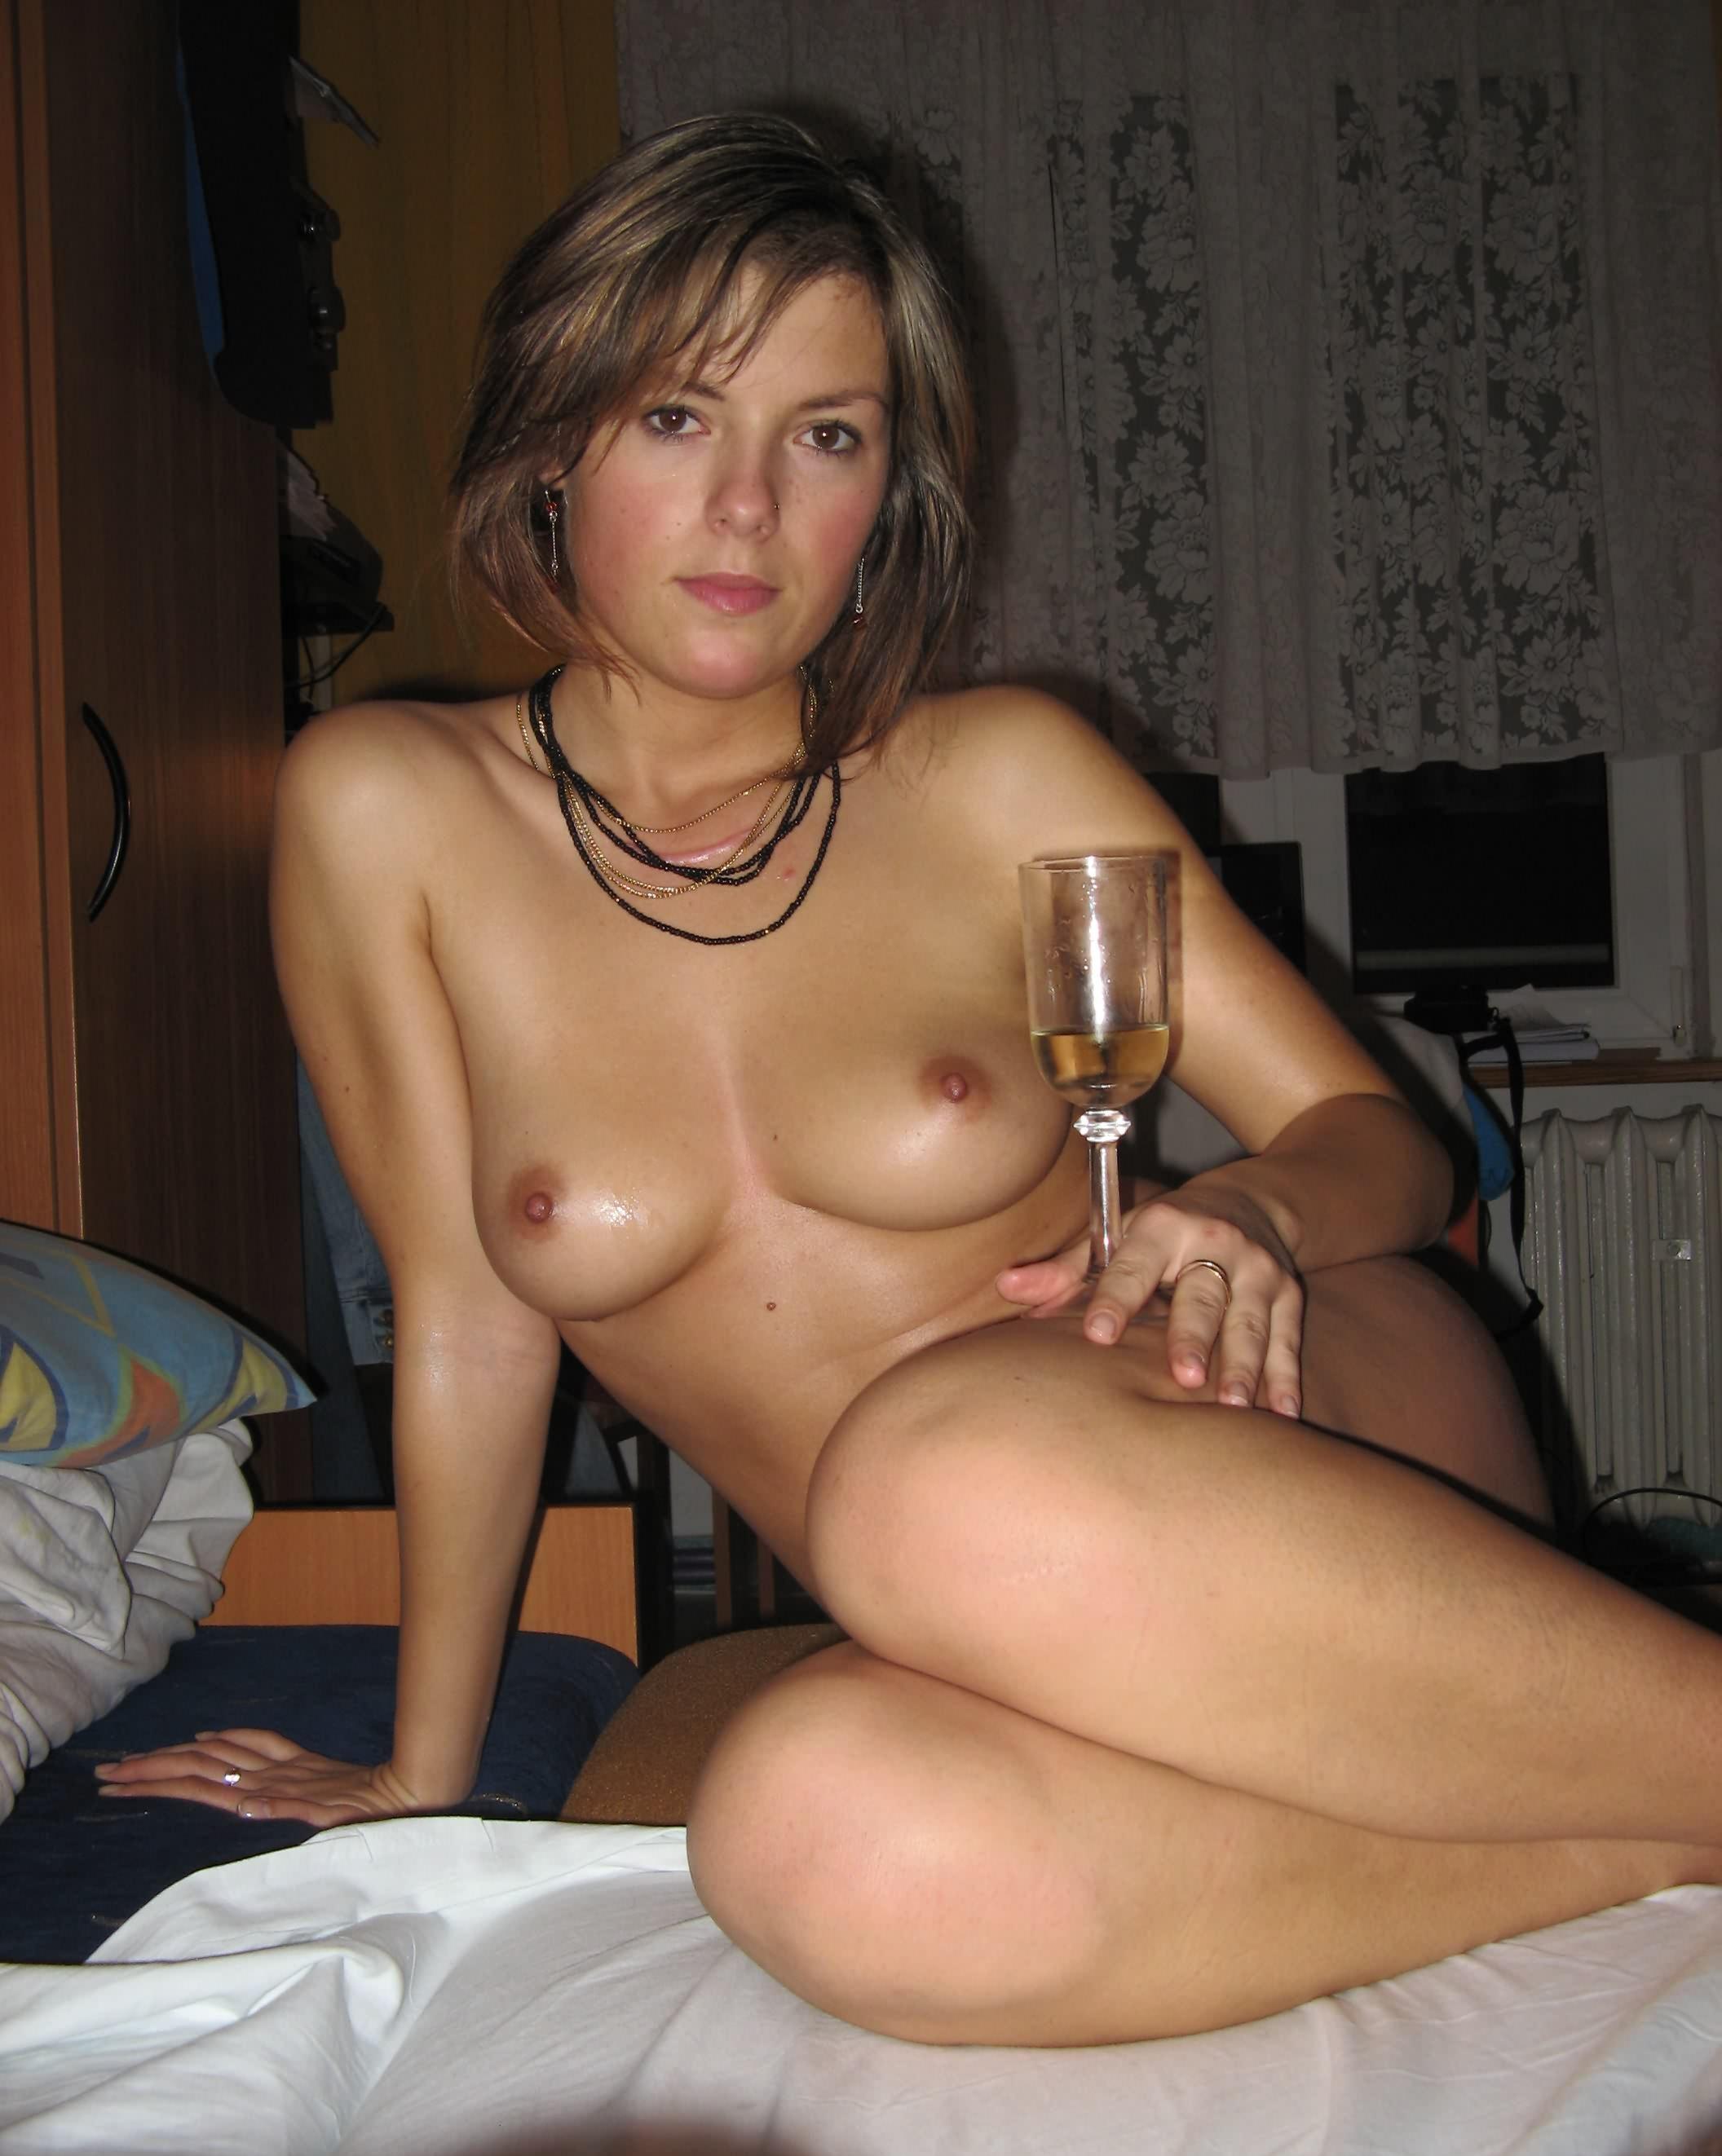 Фото голые девушки из кривого рога, смотреть видео вагина жирной бабы